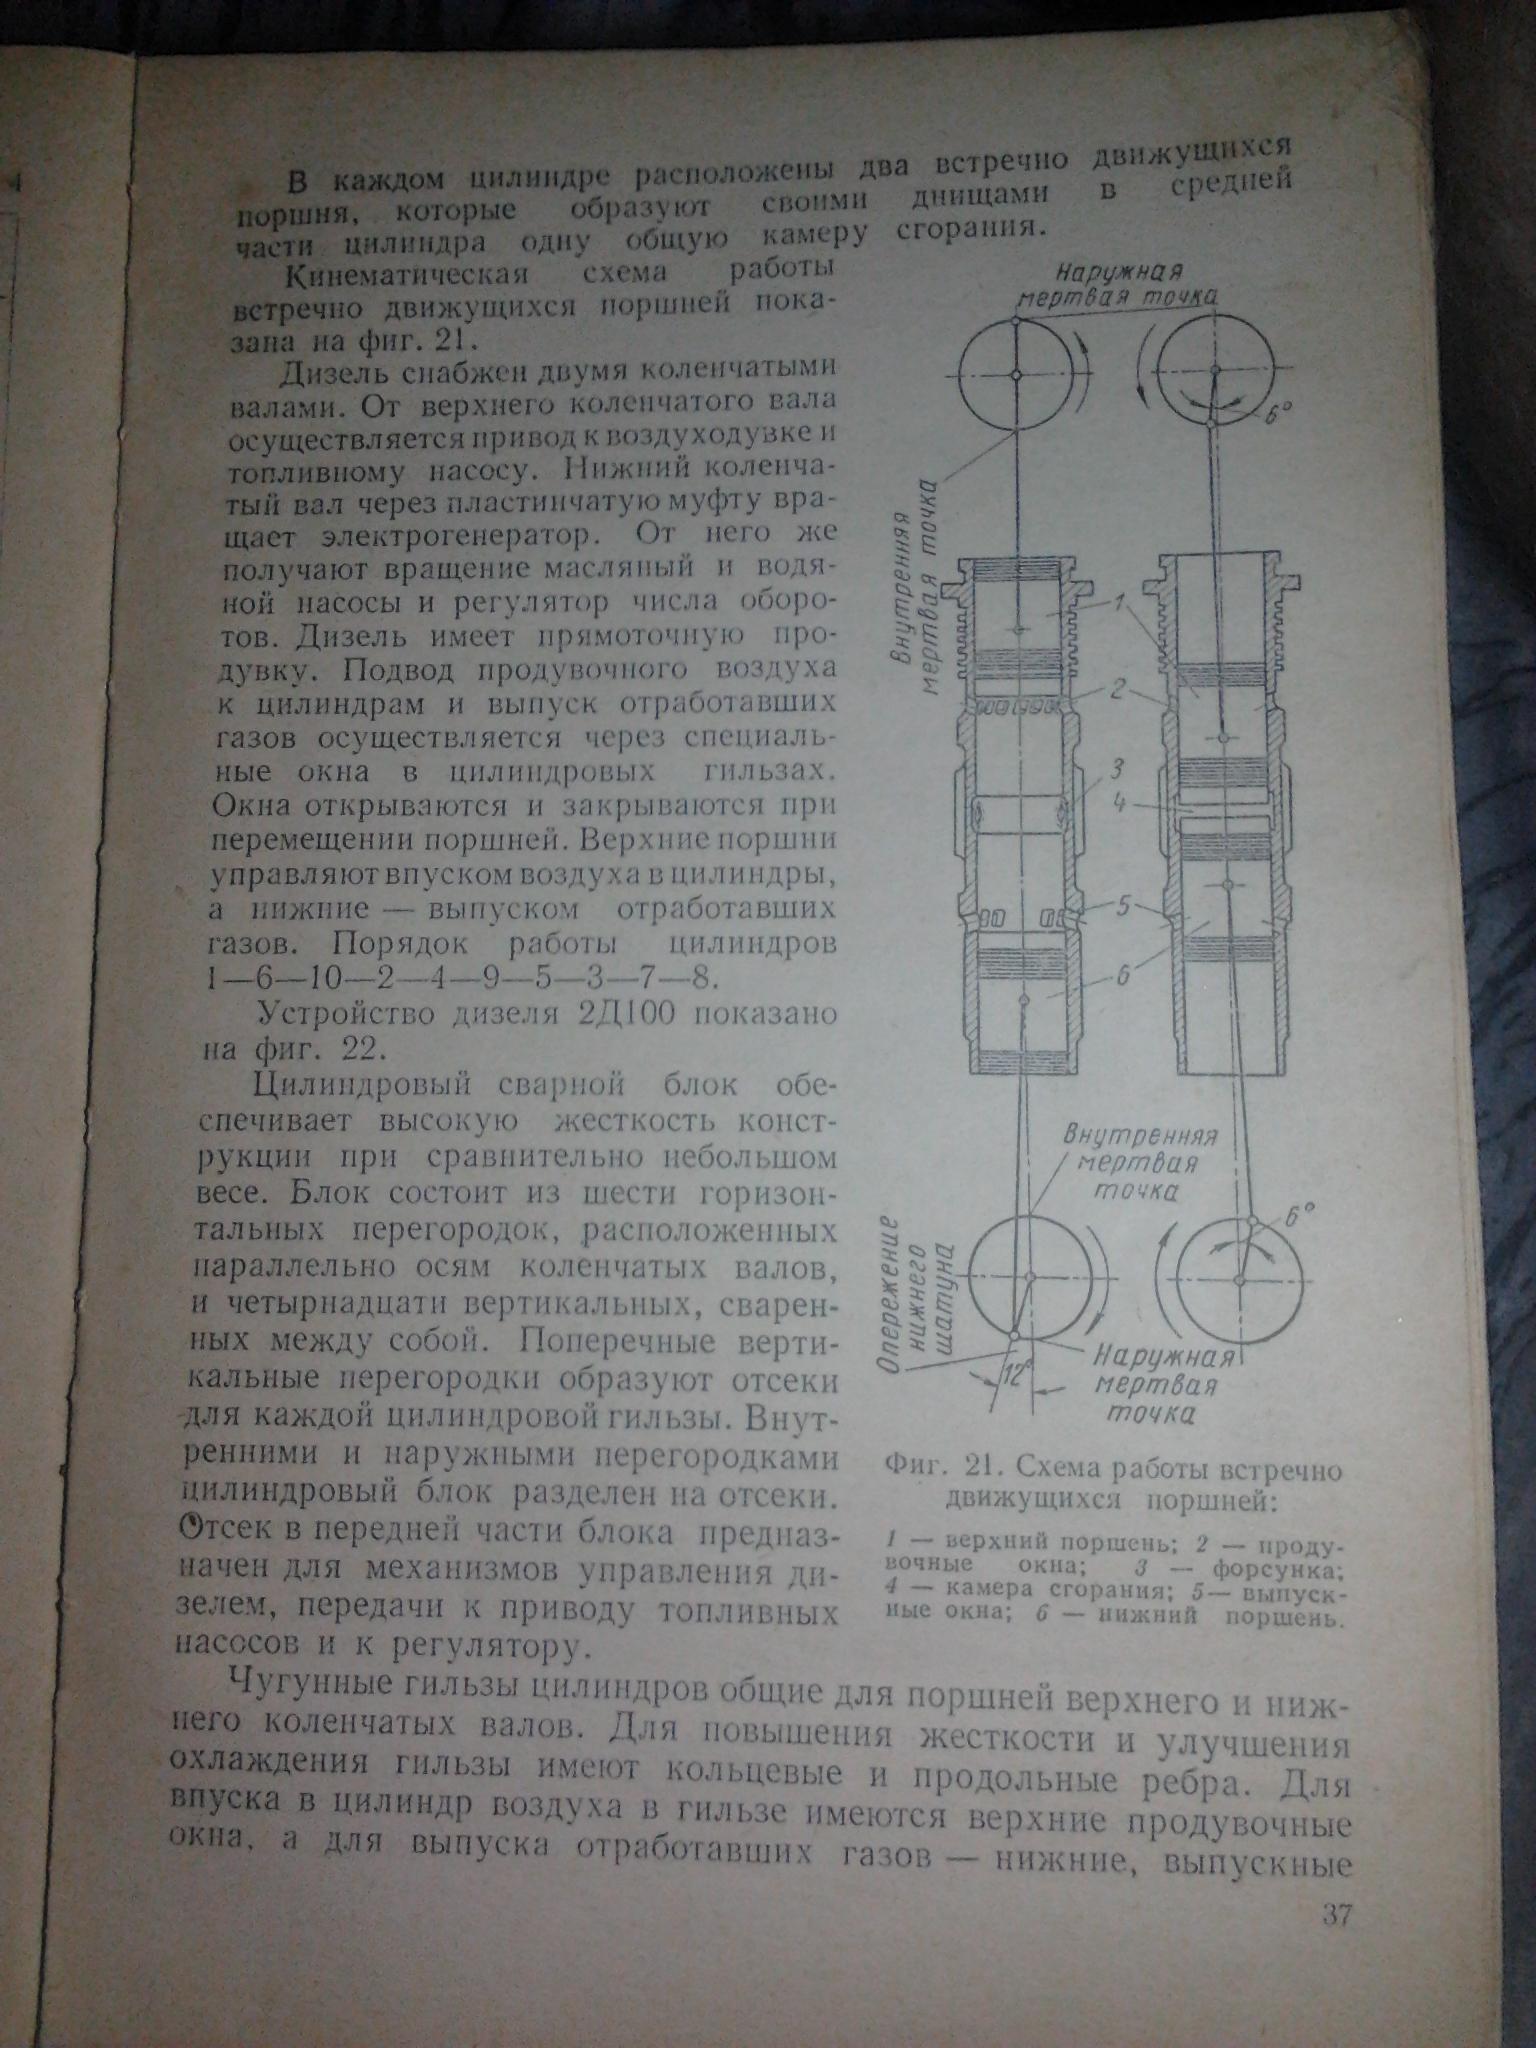 оппозитник двигунів для танків. схема